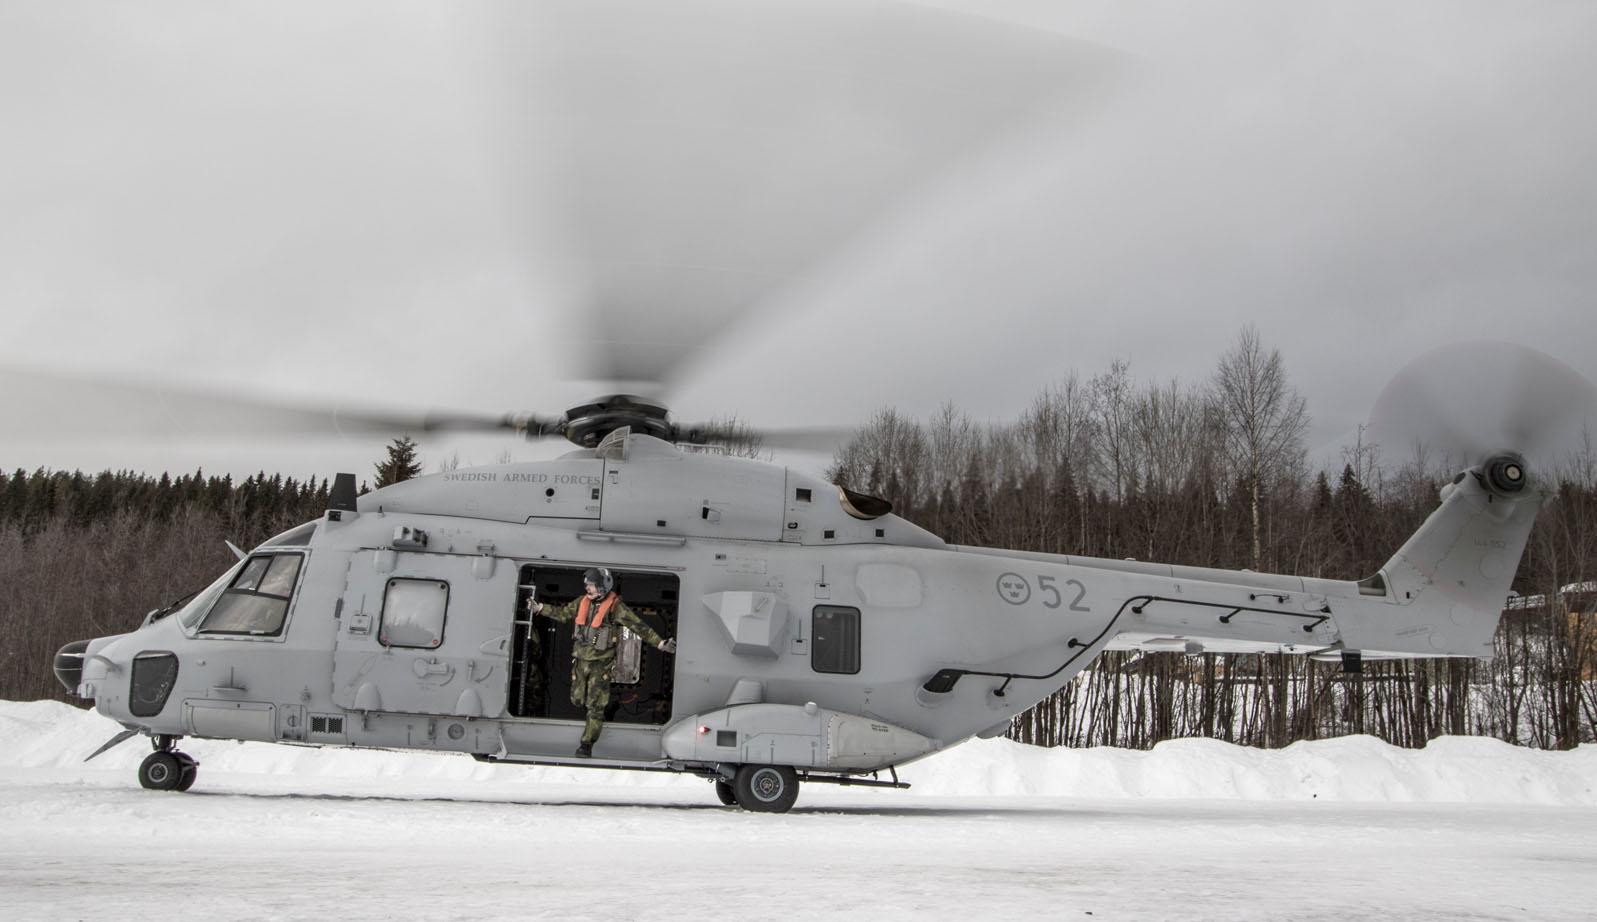 Foto: Jesper Lundström, Försvarsmakten.